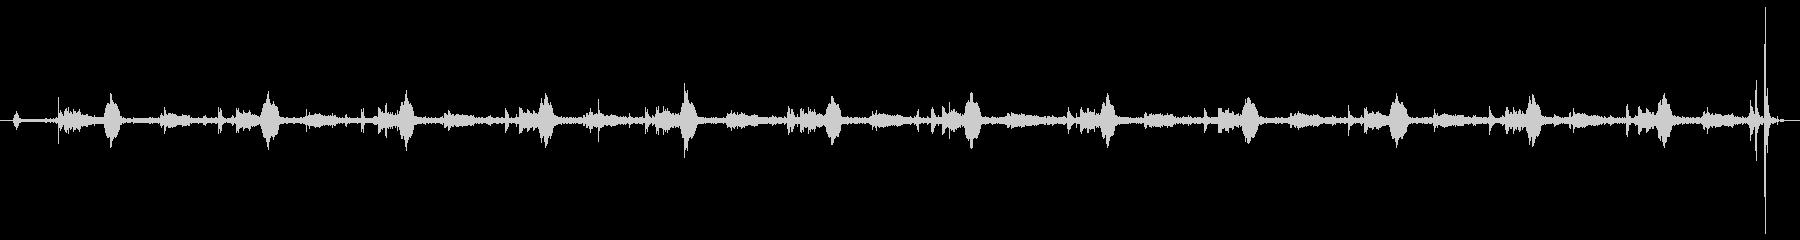 鳩時計2:ストライクトゥエルブオク...の未再生の波形